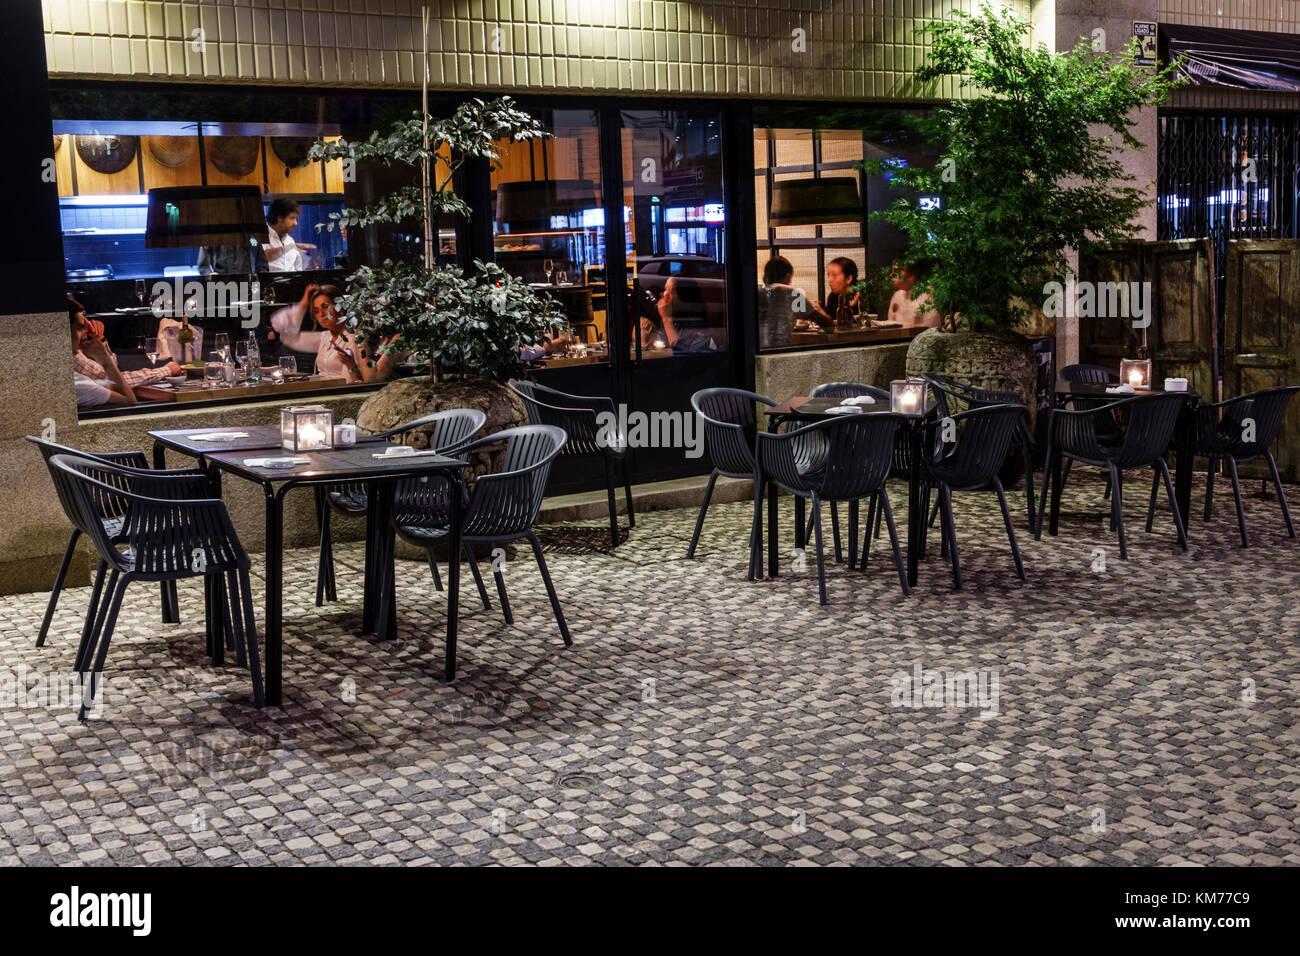 Porto portugal mercado do bom sucesso alfresco dining outdoor cafe restaurant tables exterior dusk view through window night nightlife